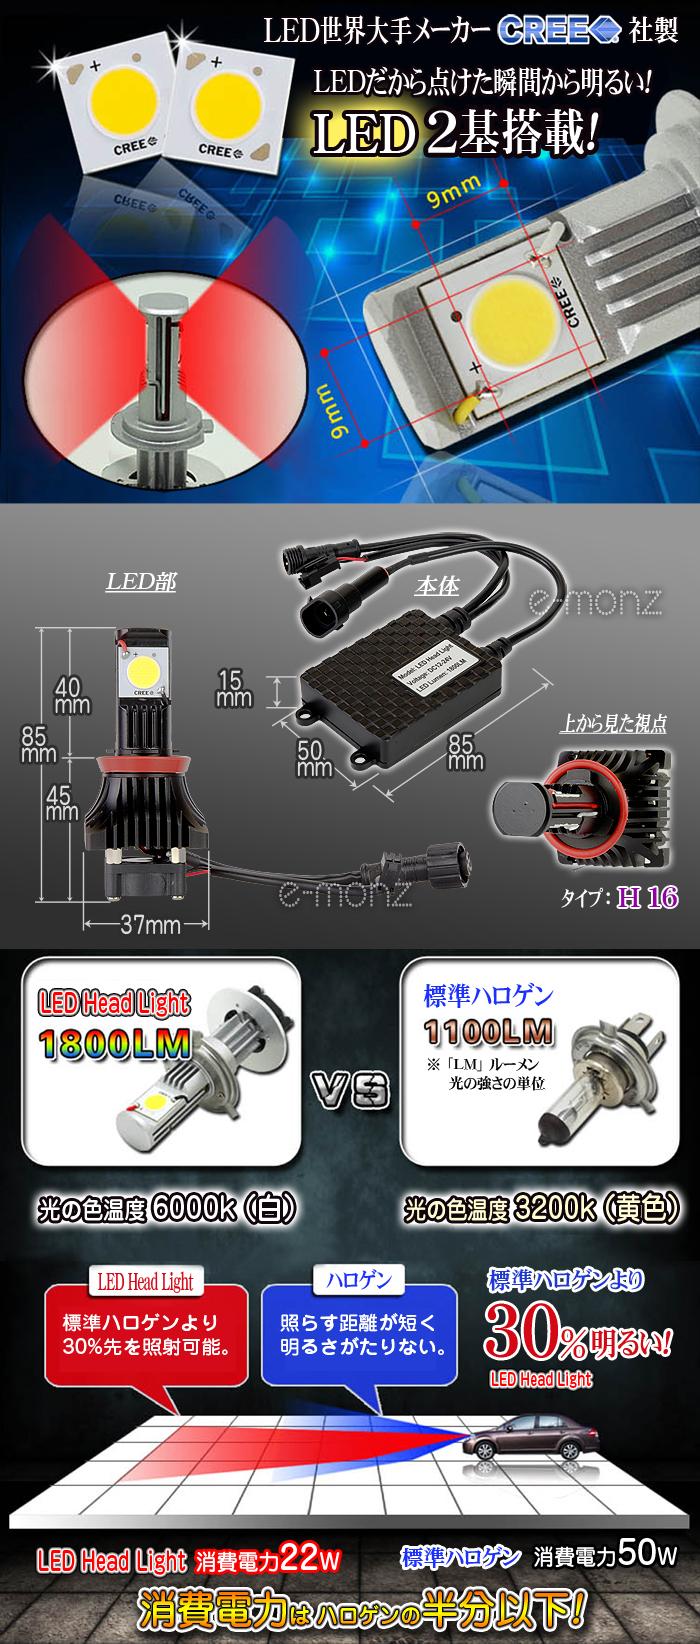 LEDヘッドライト用バルブ H16 CREE製チップなので安心